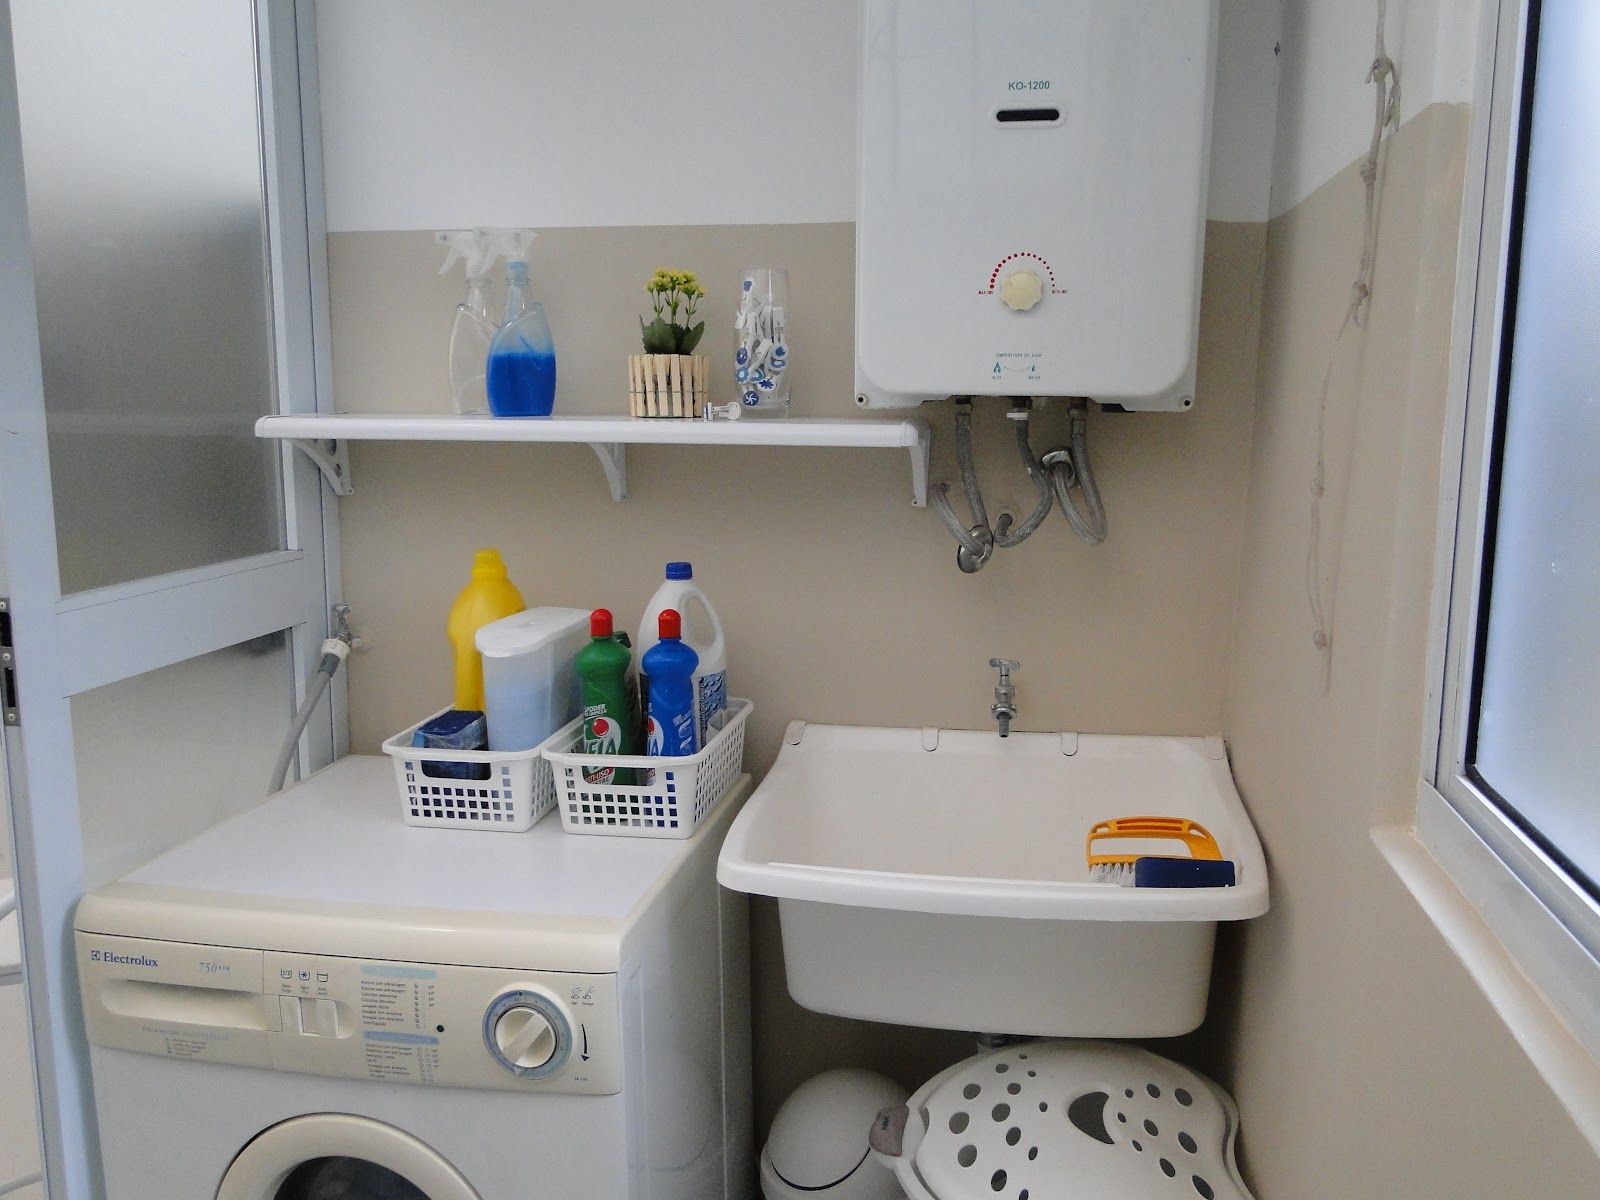 organizadoras separei o que é para lavar e o que é para limpar #1C3A7A 1600 1200